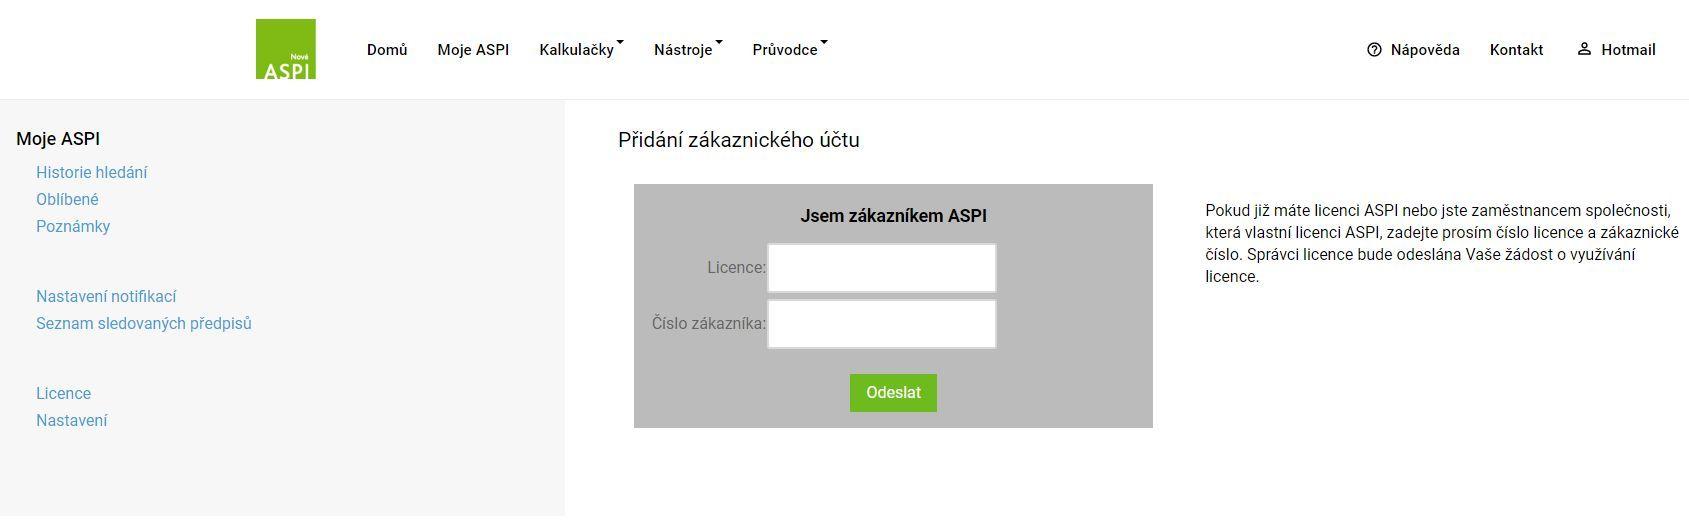 Přiřazení obsahu licence ASPI